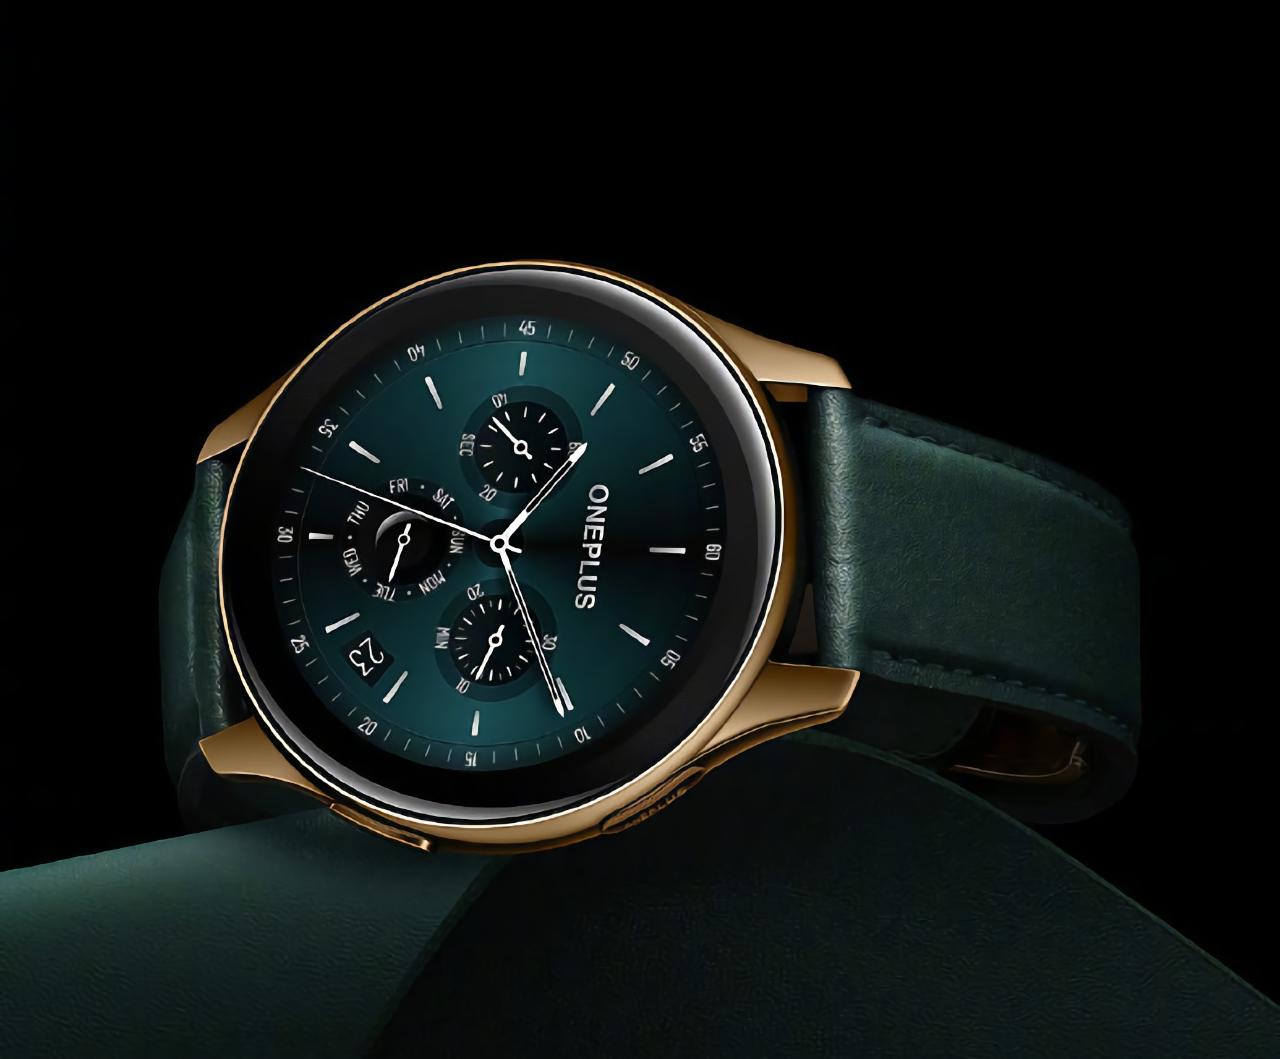 OnePlus Watch Cobalt Edition: премиальная версия OnePlus Watch с сапфировым стеклом и рамкой из кобальтового сплава за $250